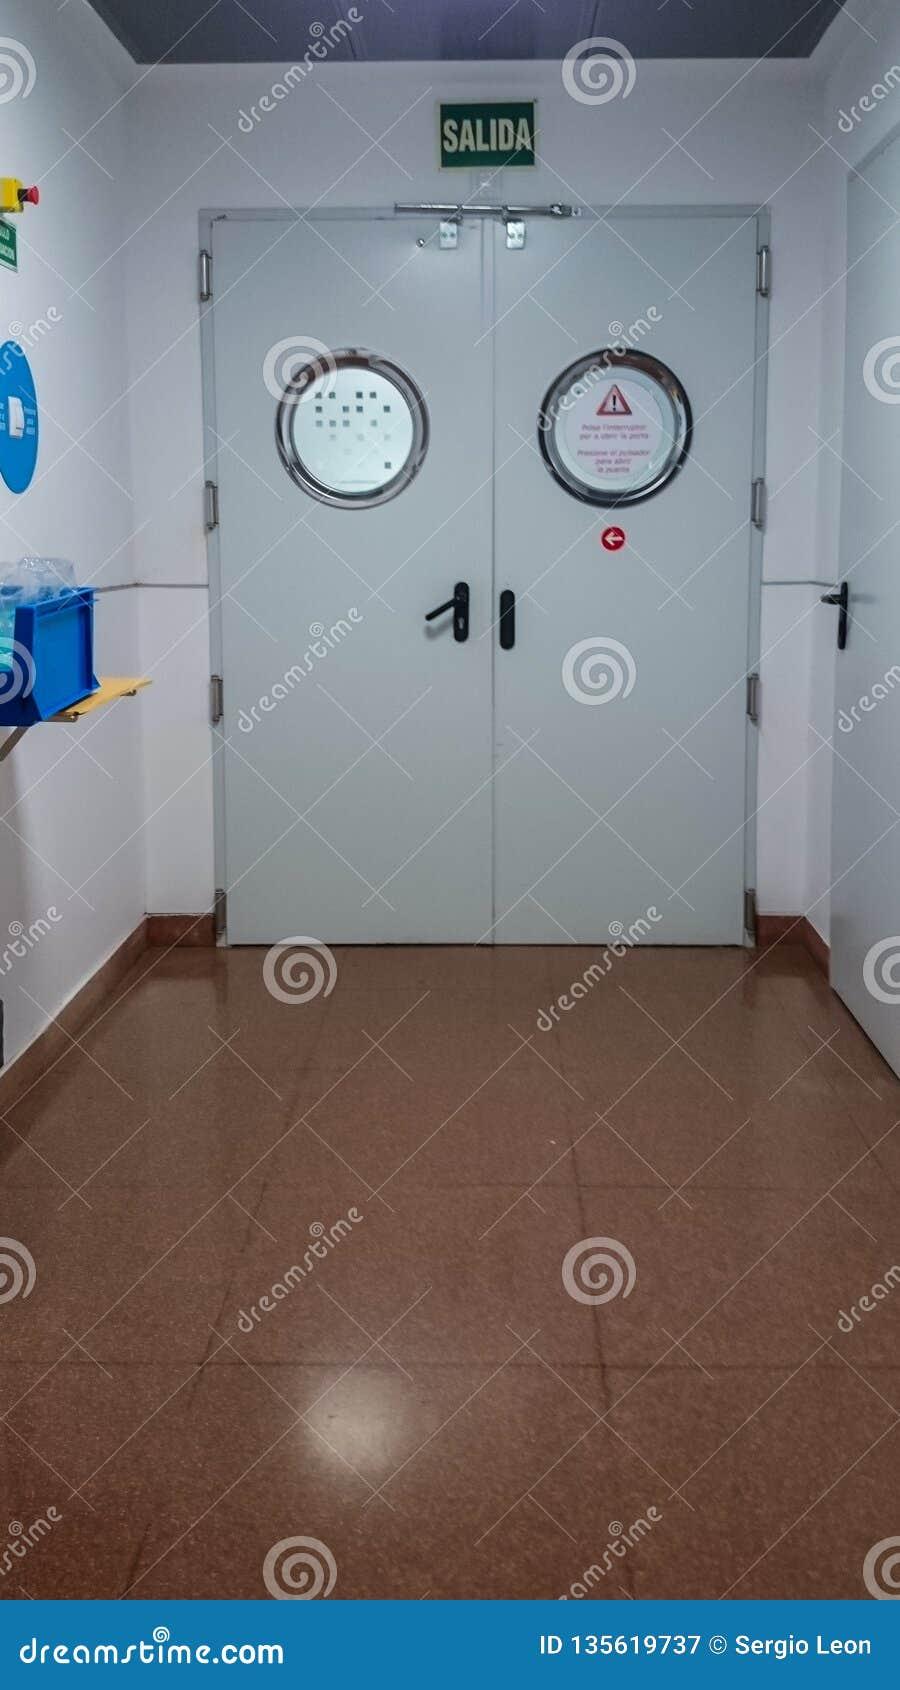 Дверь больницы в коридоре